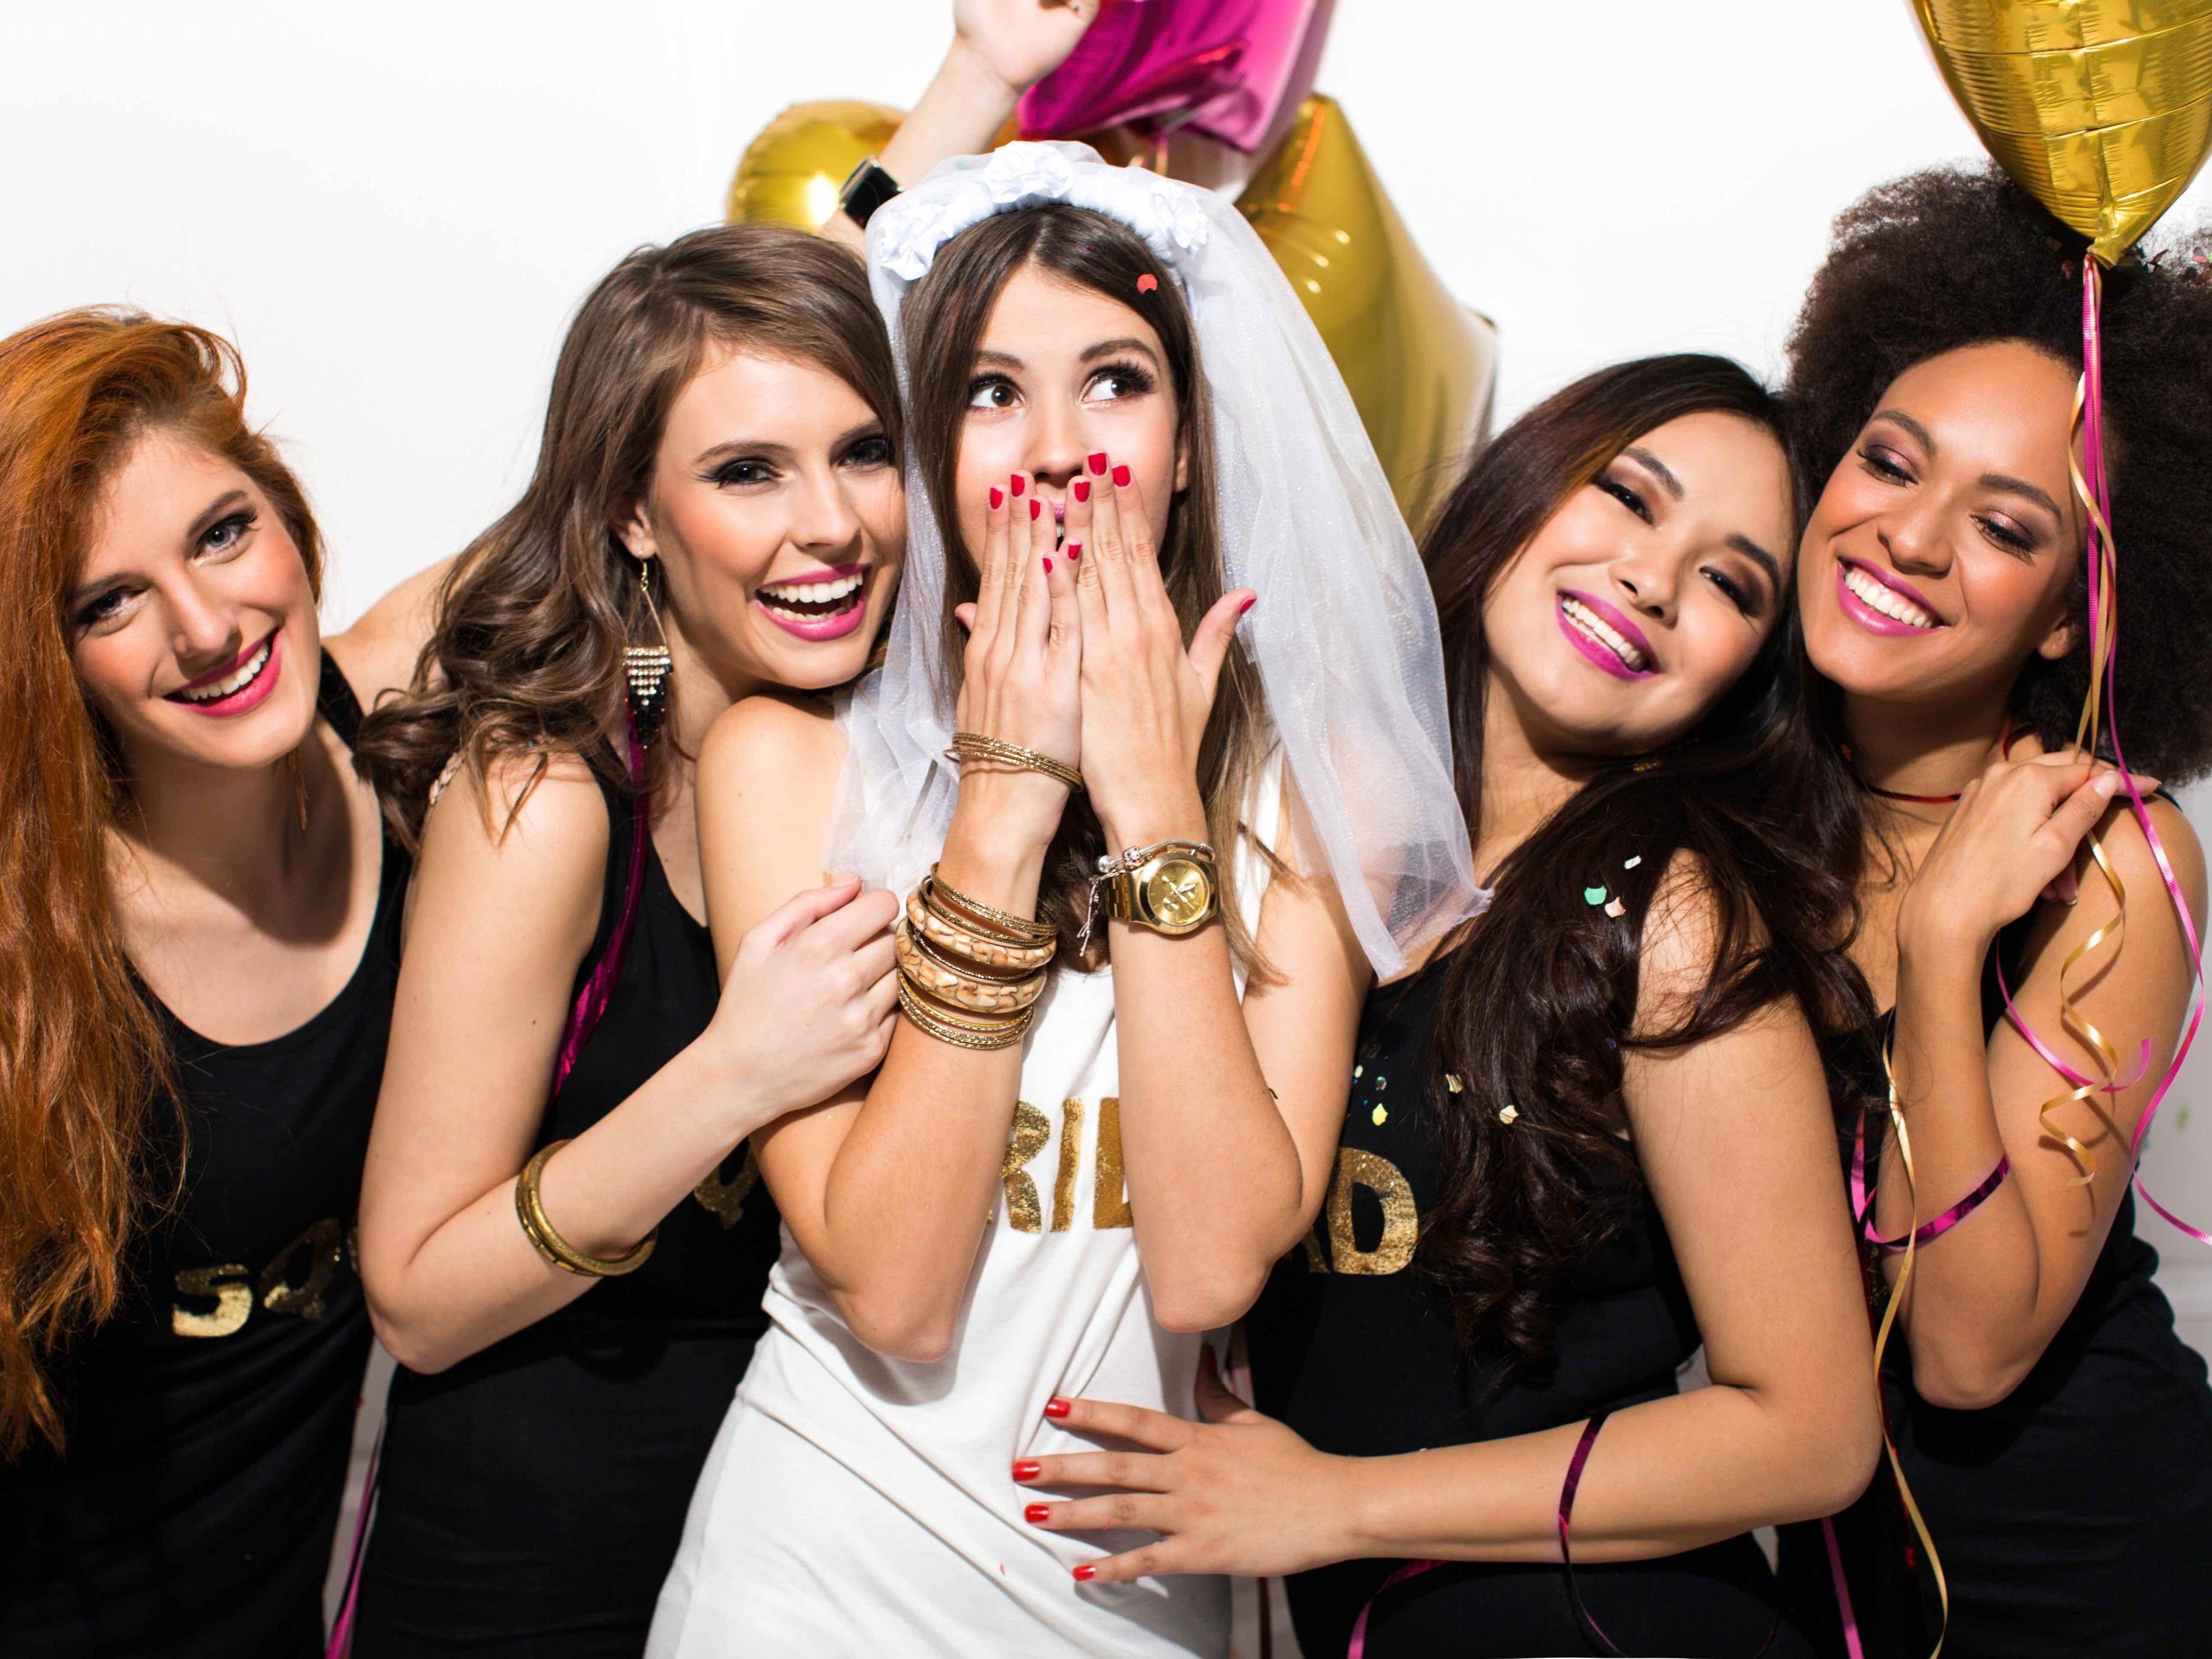 """Planung des Polterabends mit """"Bachelorette Party"""" - Vienna Party ..."""